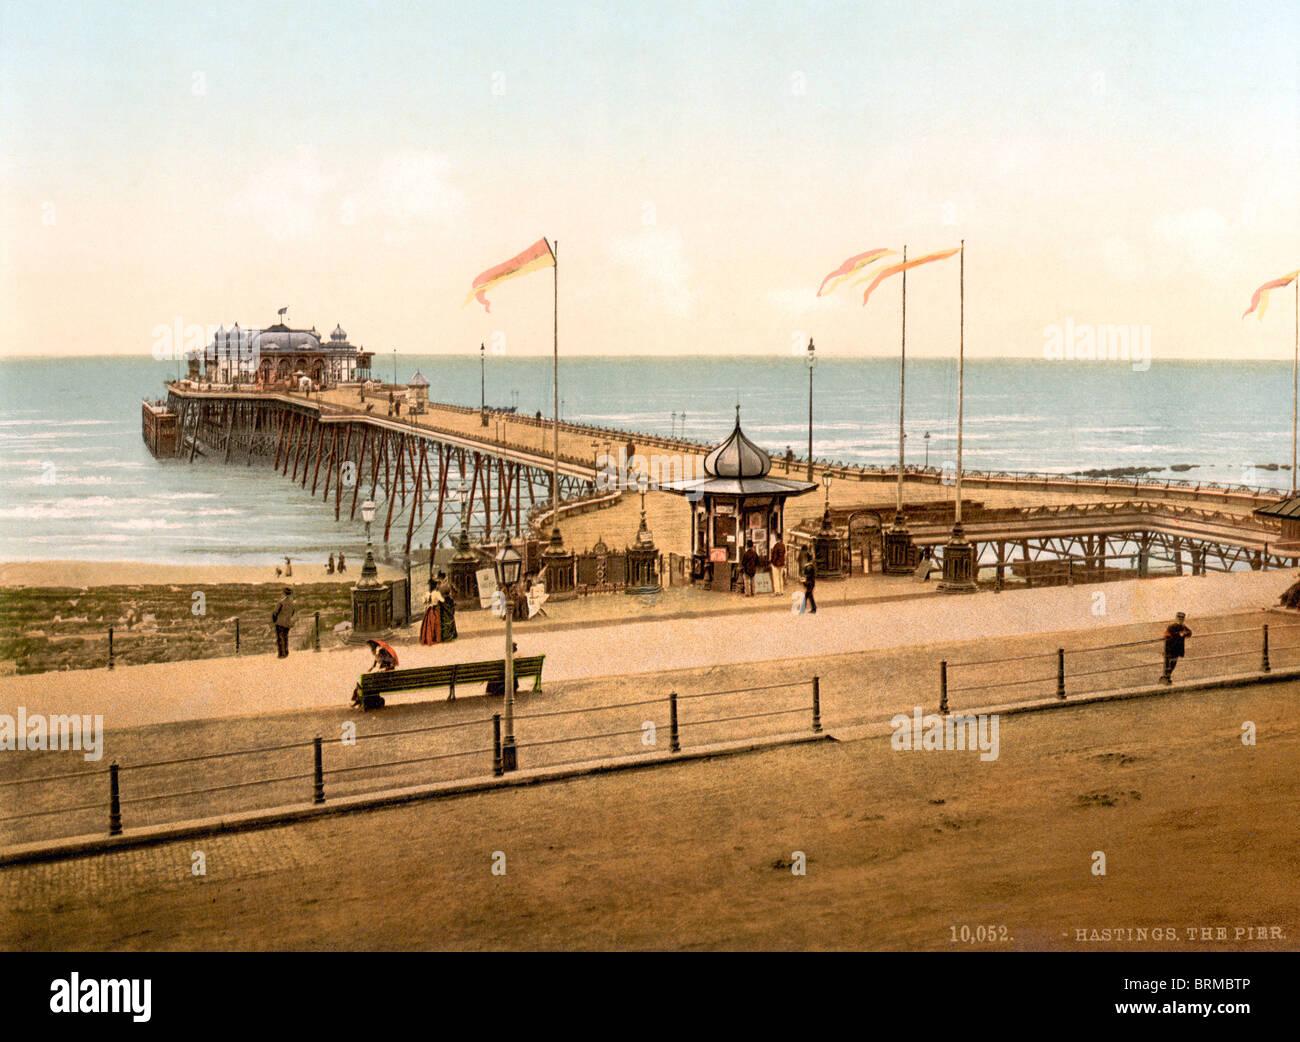 Historischen Photochrome Farbe drucken um 1894-1900 von Hastings Pier in East Sussex, England. Stockbild